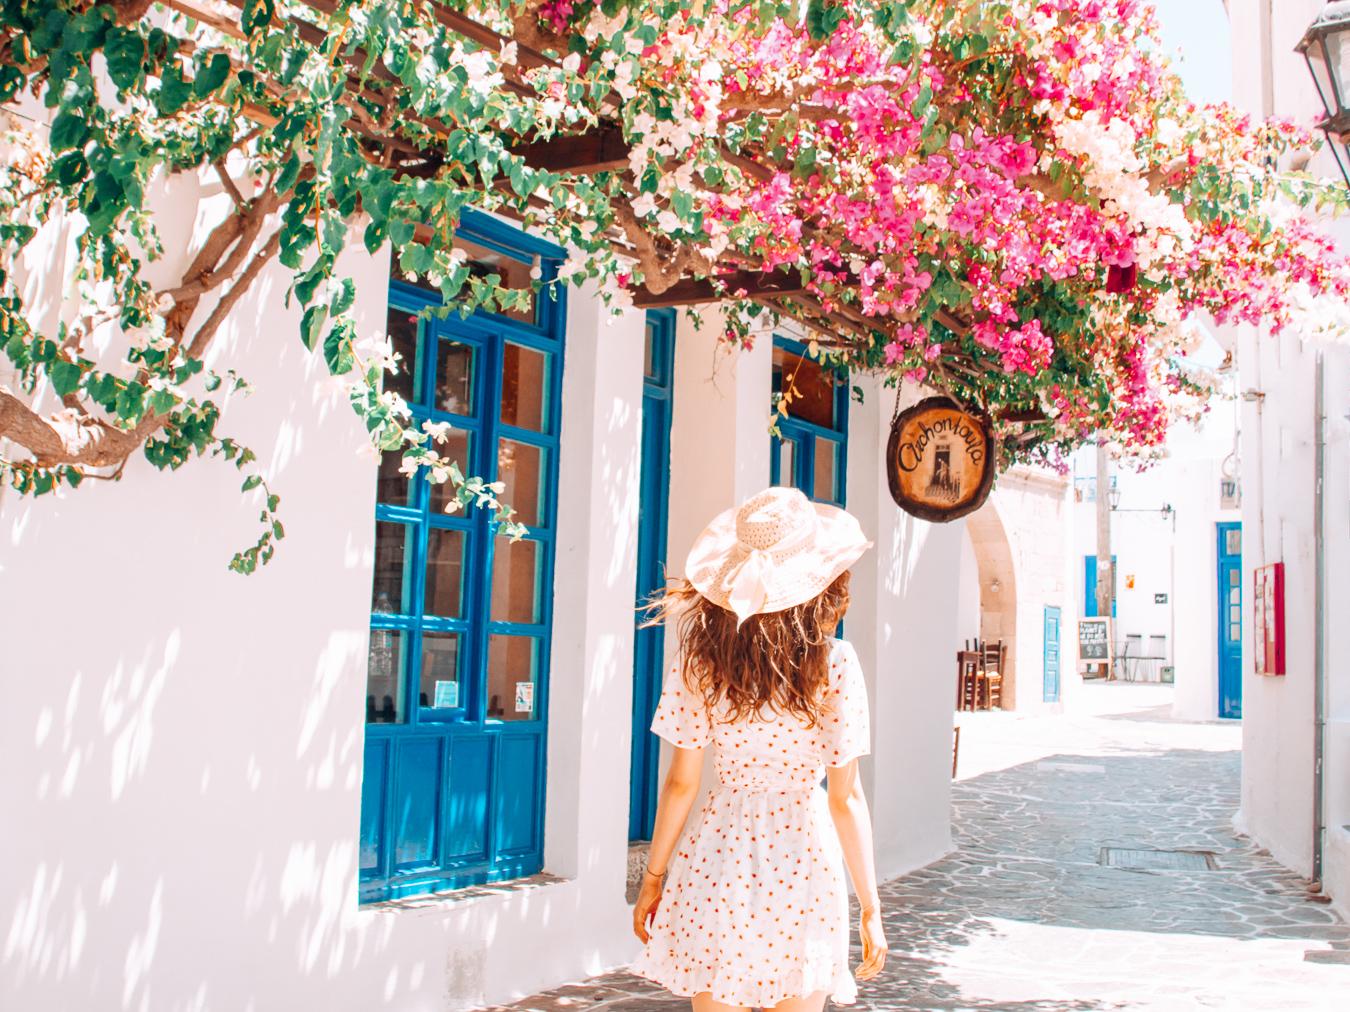 Street with flowers in Milos, Greece